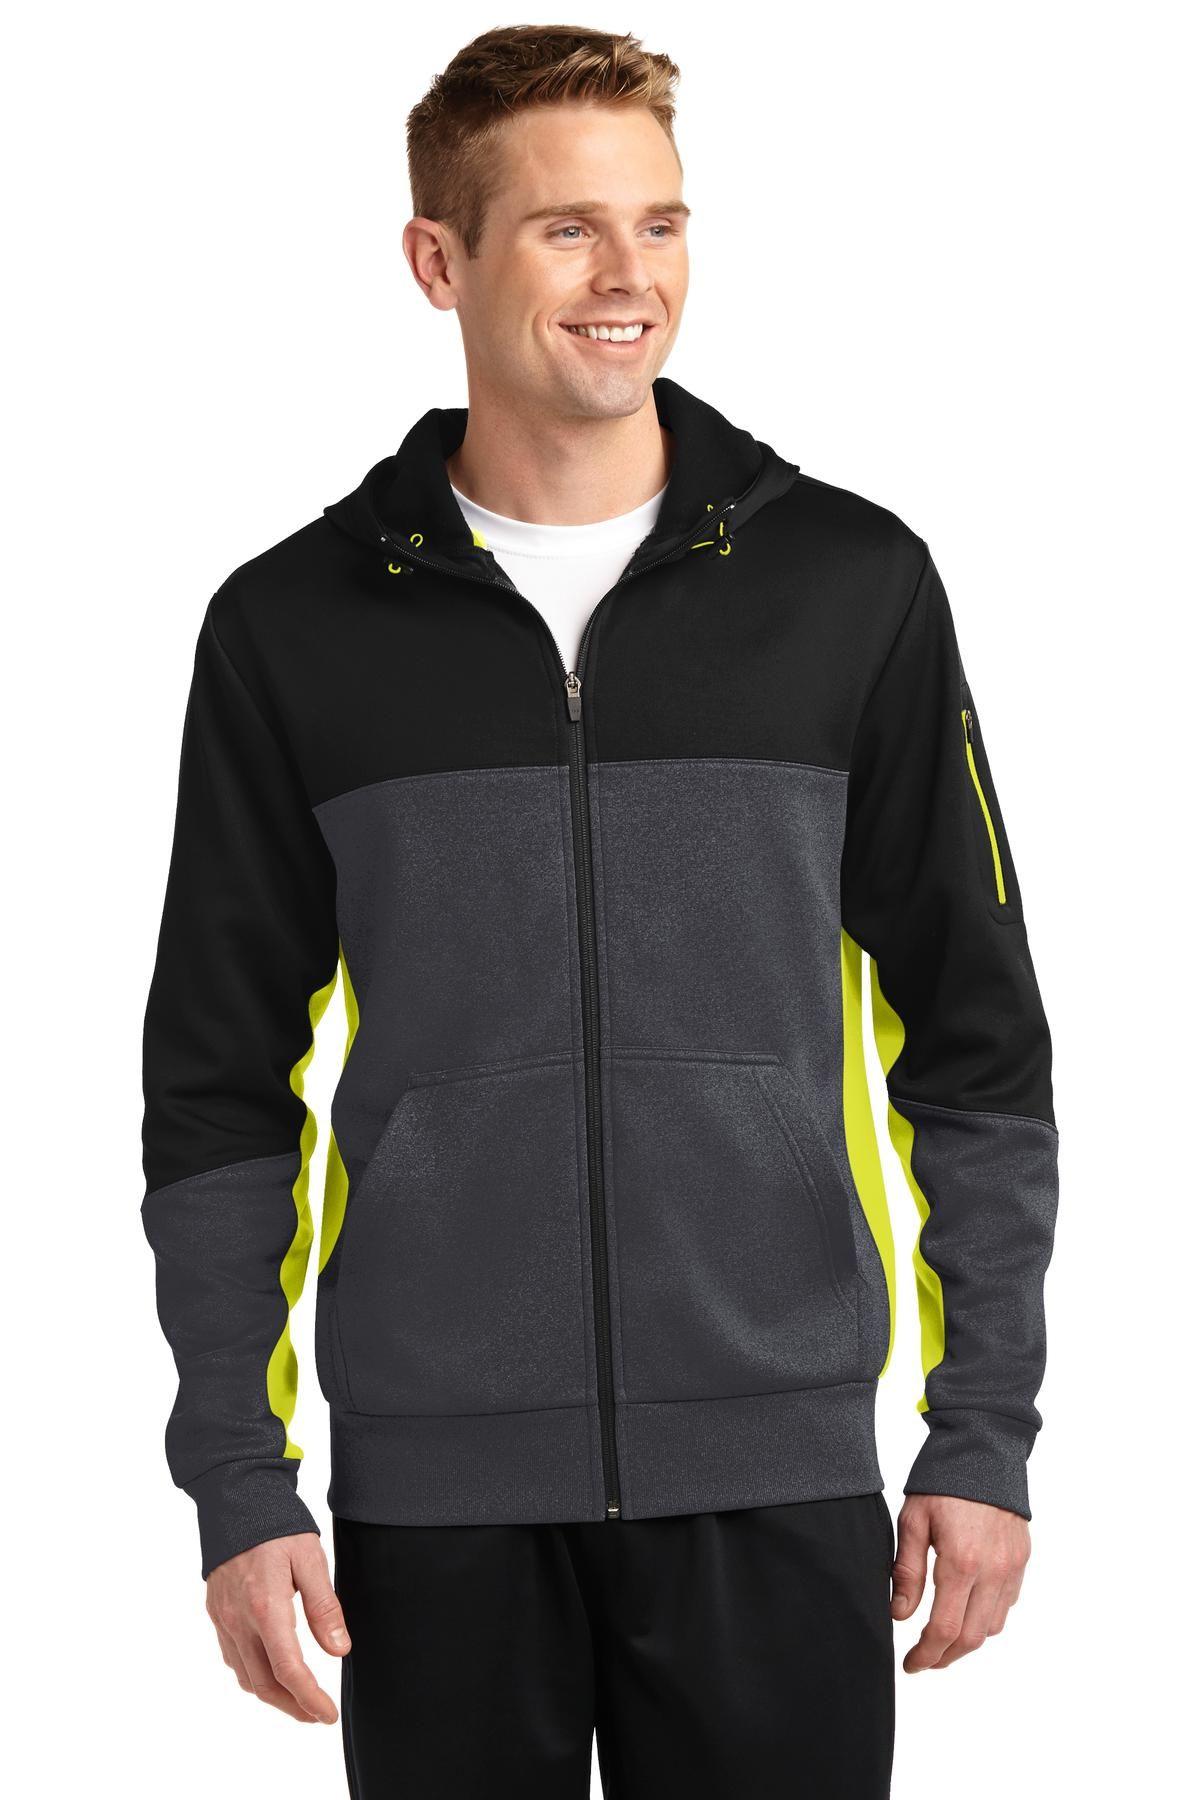 SportTek ST245 Tech Fleece Colorblock FullZip Hooded